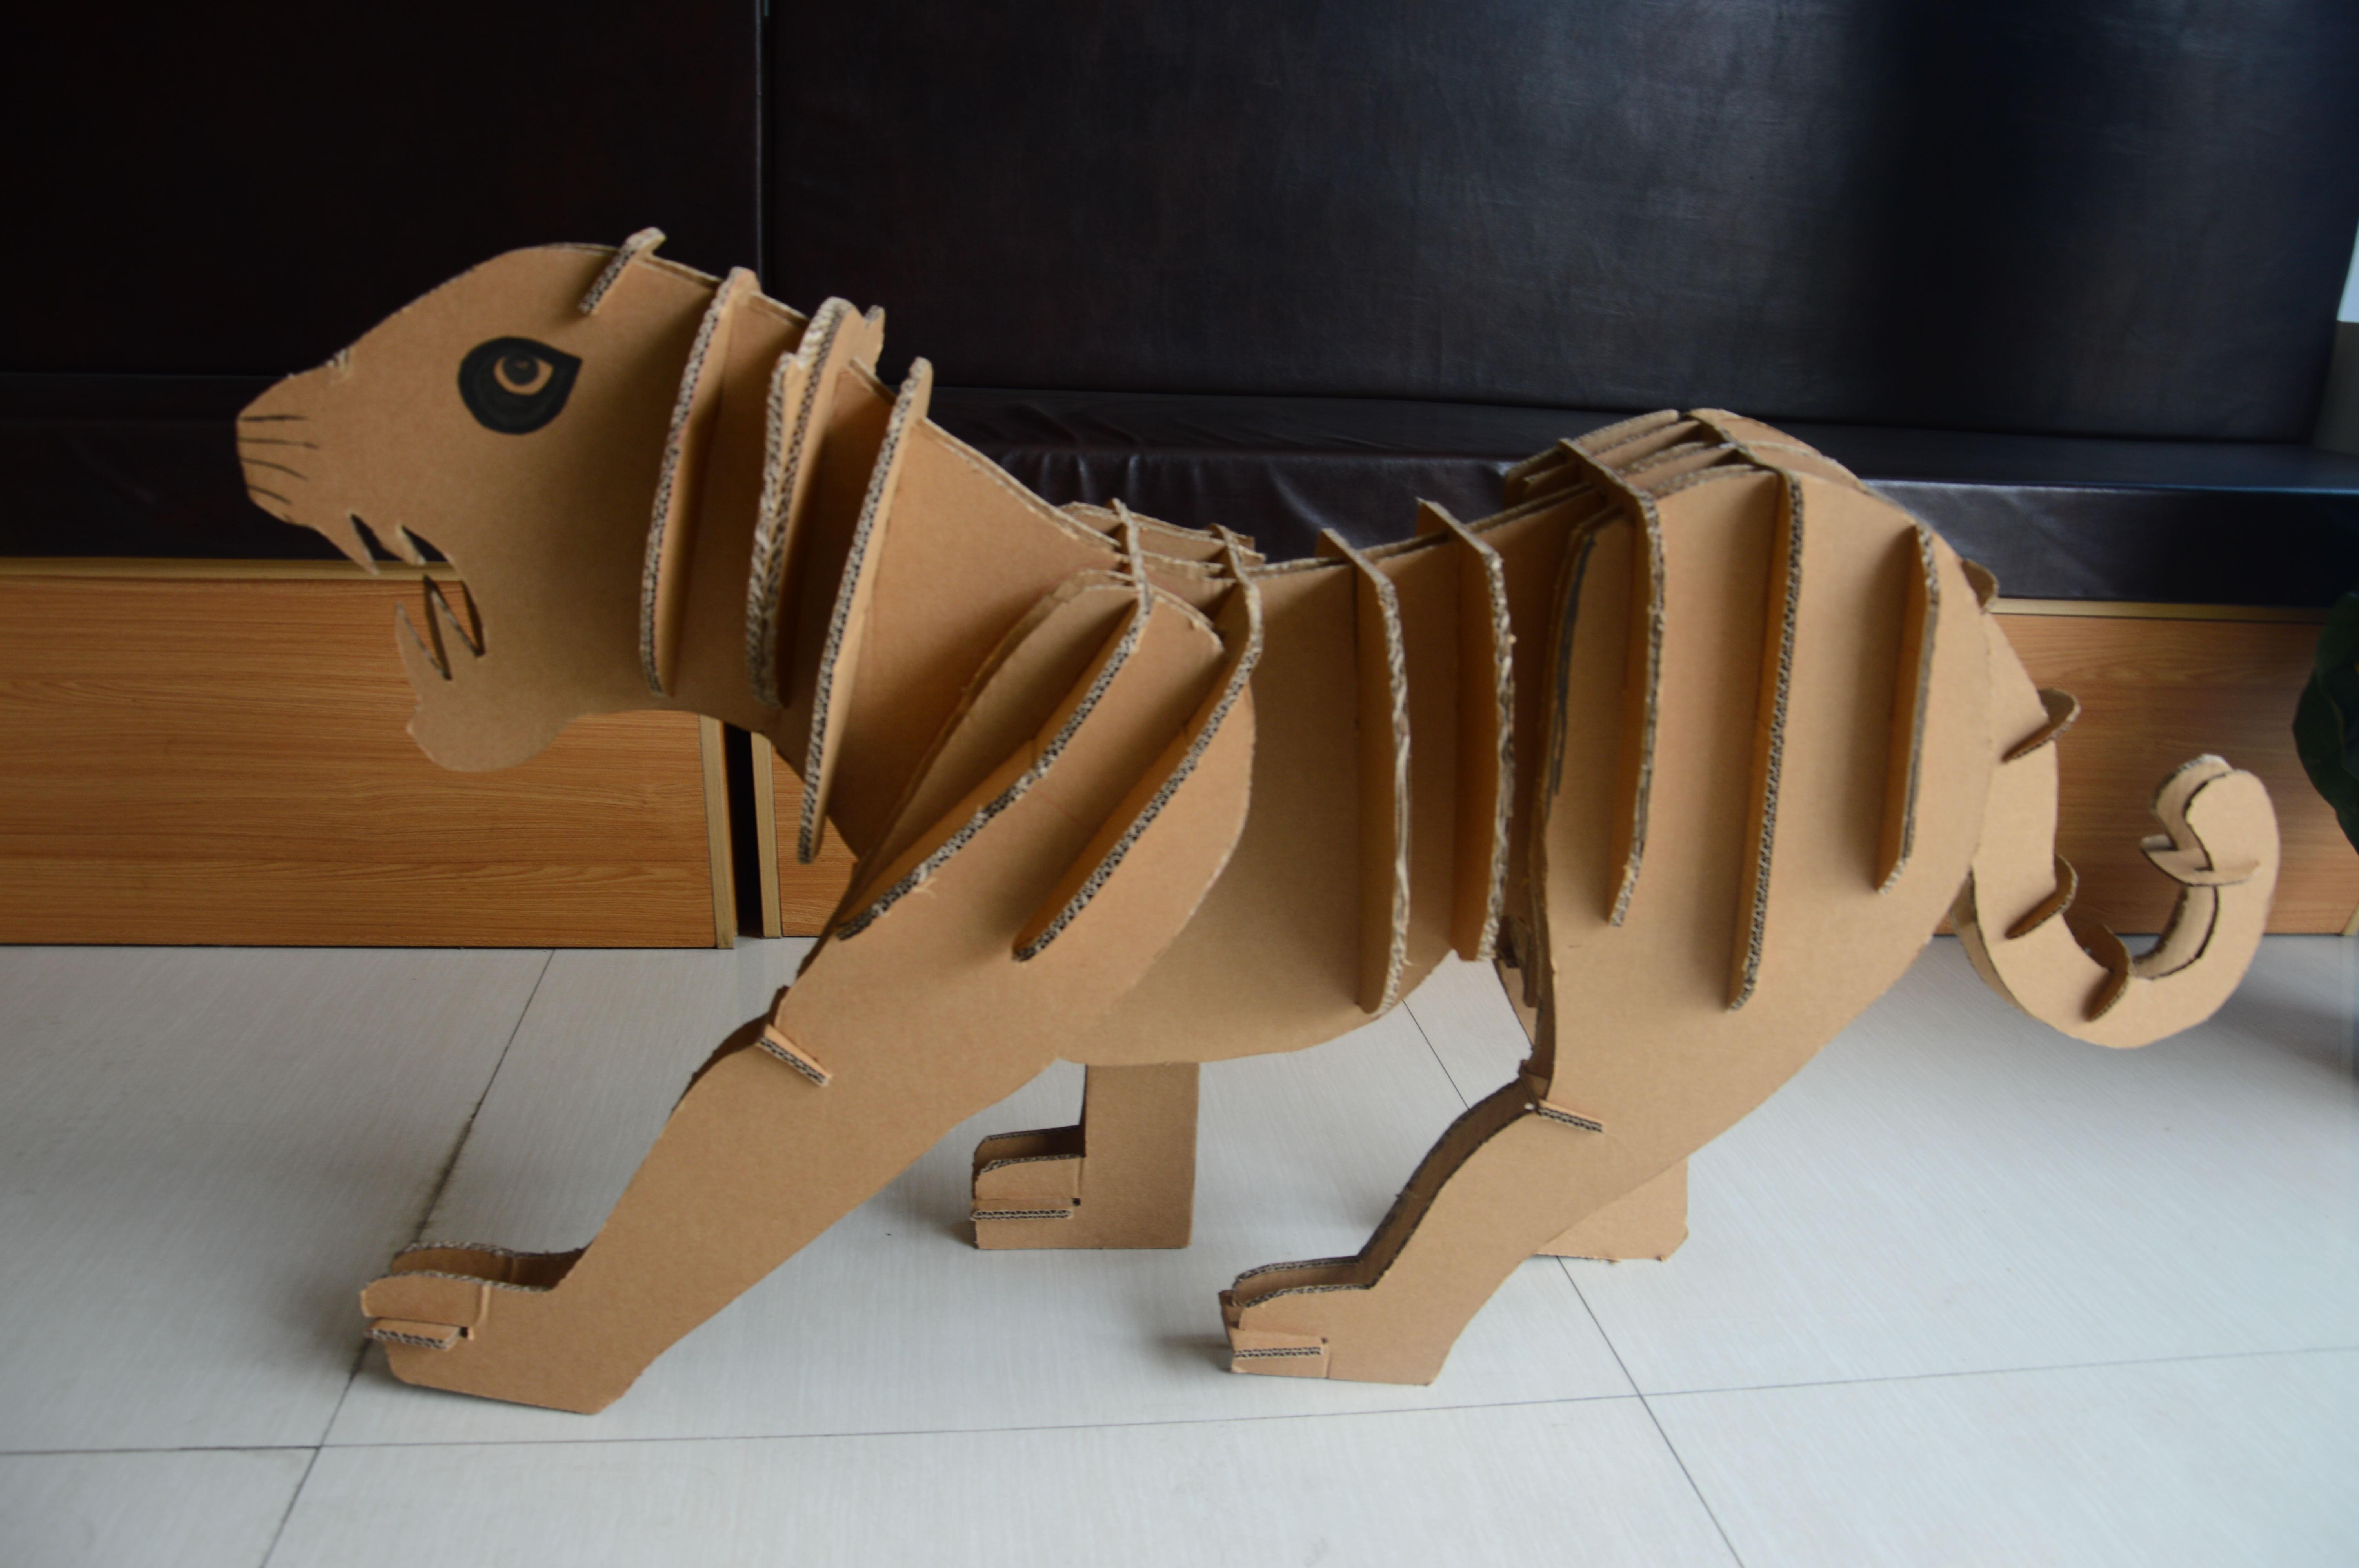 瓦楞纸促销立体拼图手工纸家具模